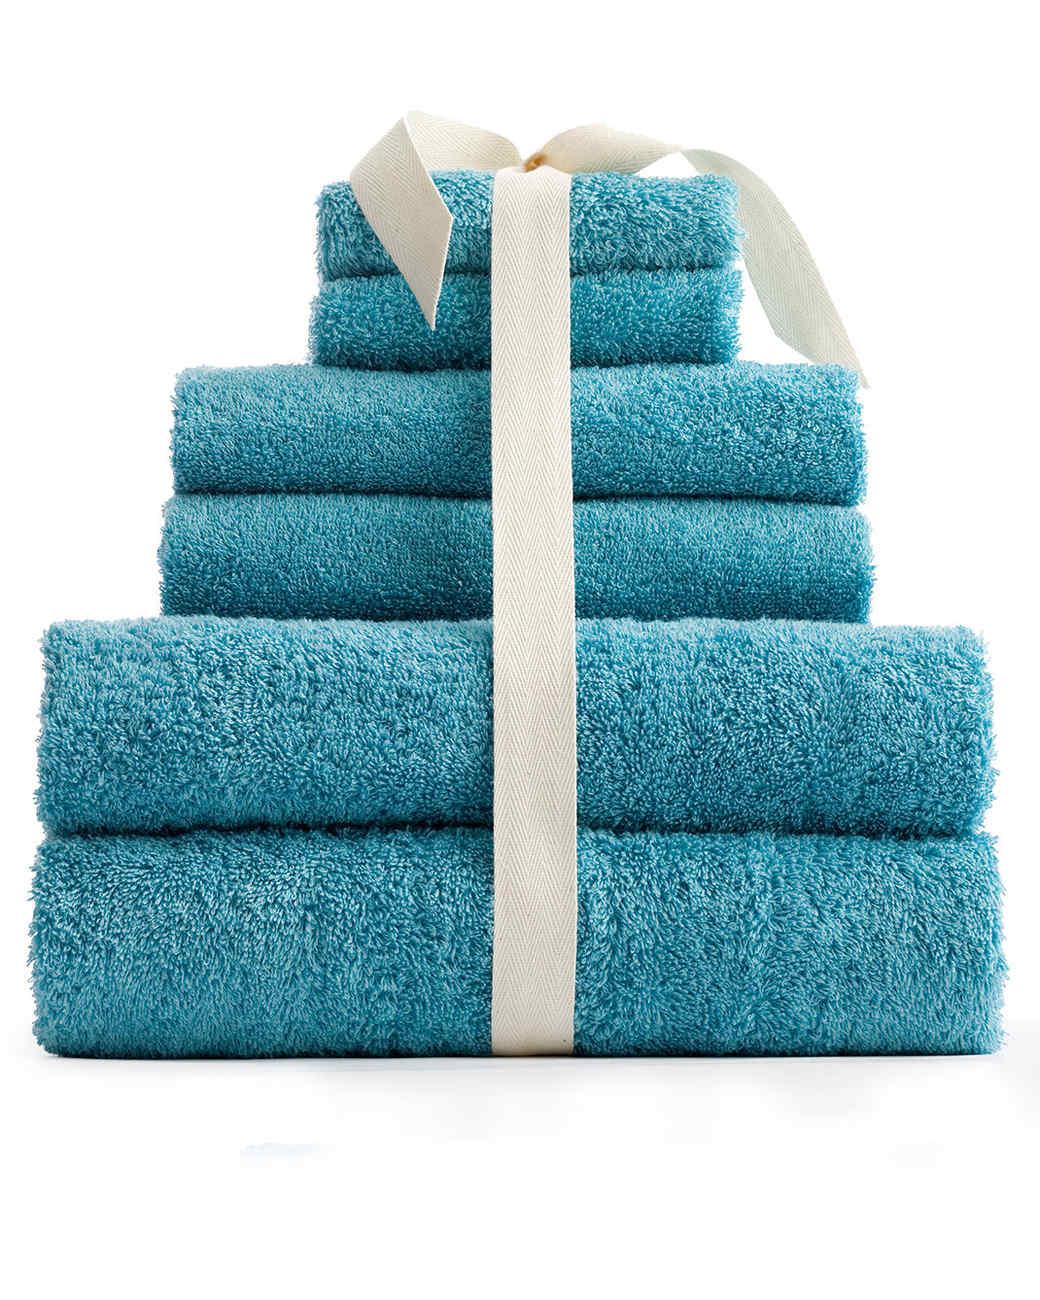 0506_msl_towel.jpg